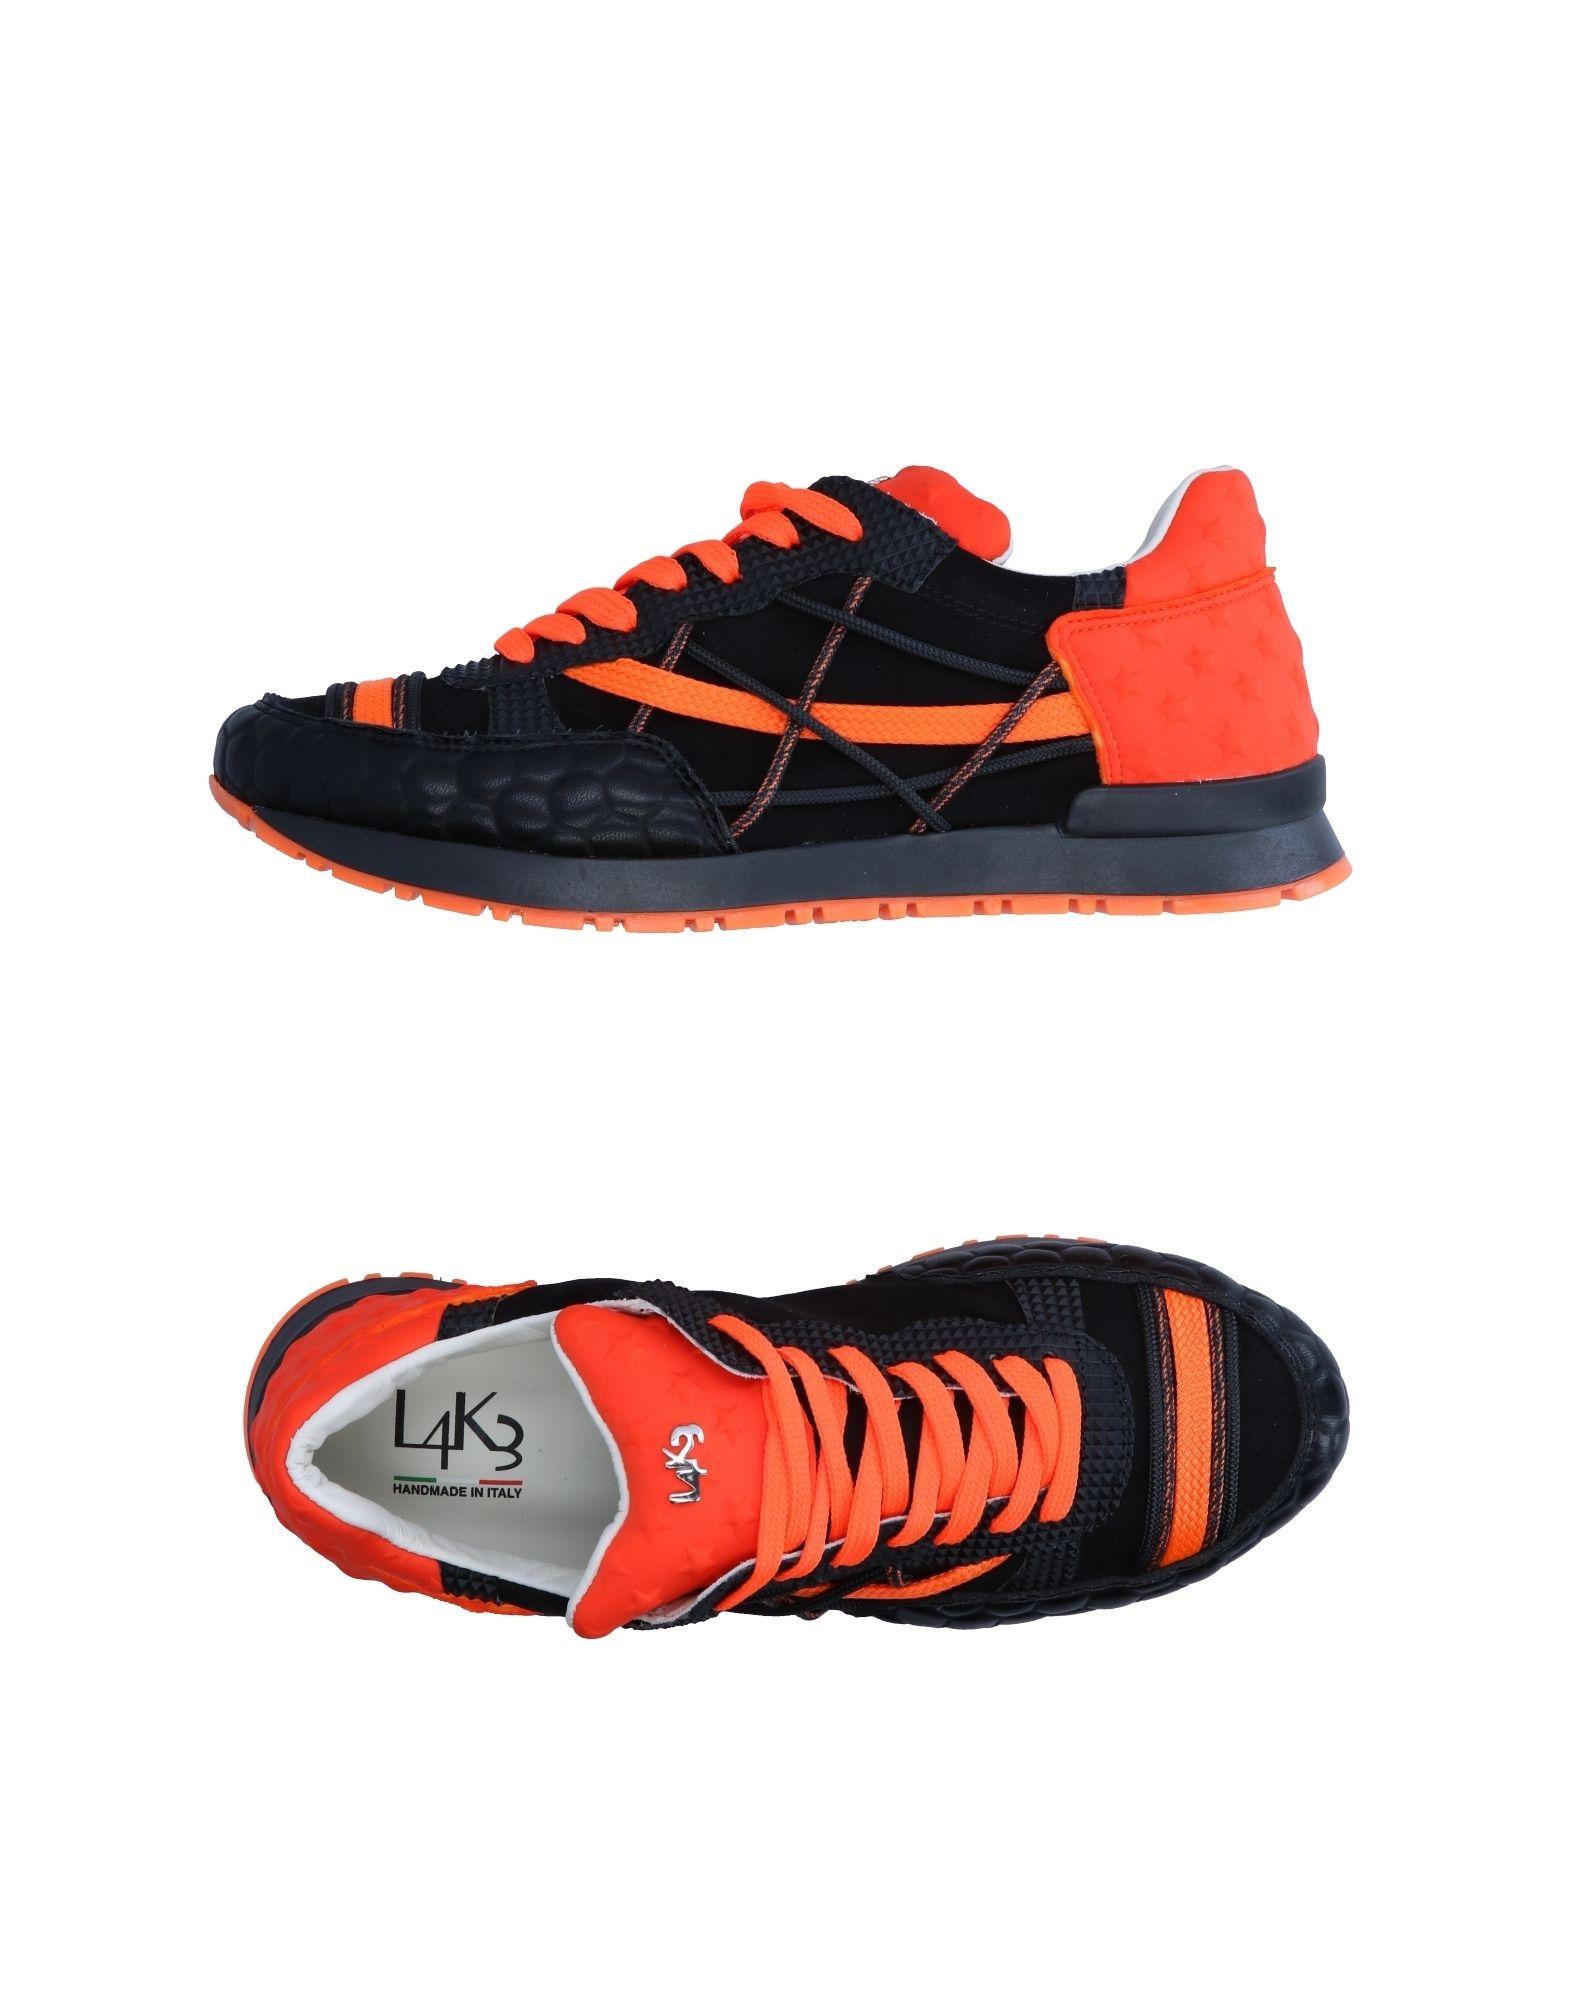 Rabatt echte Schuhe L4k3 Sneakers Herren  11257180LE